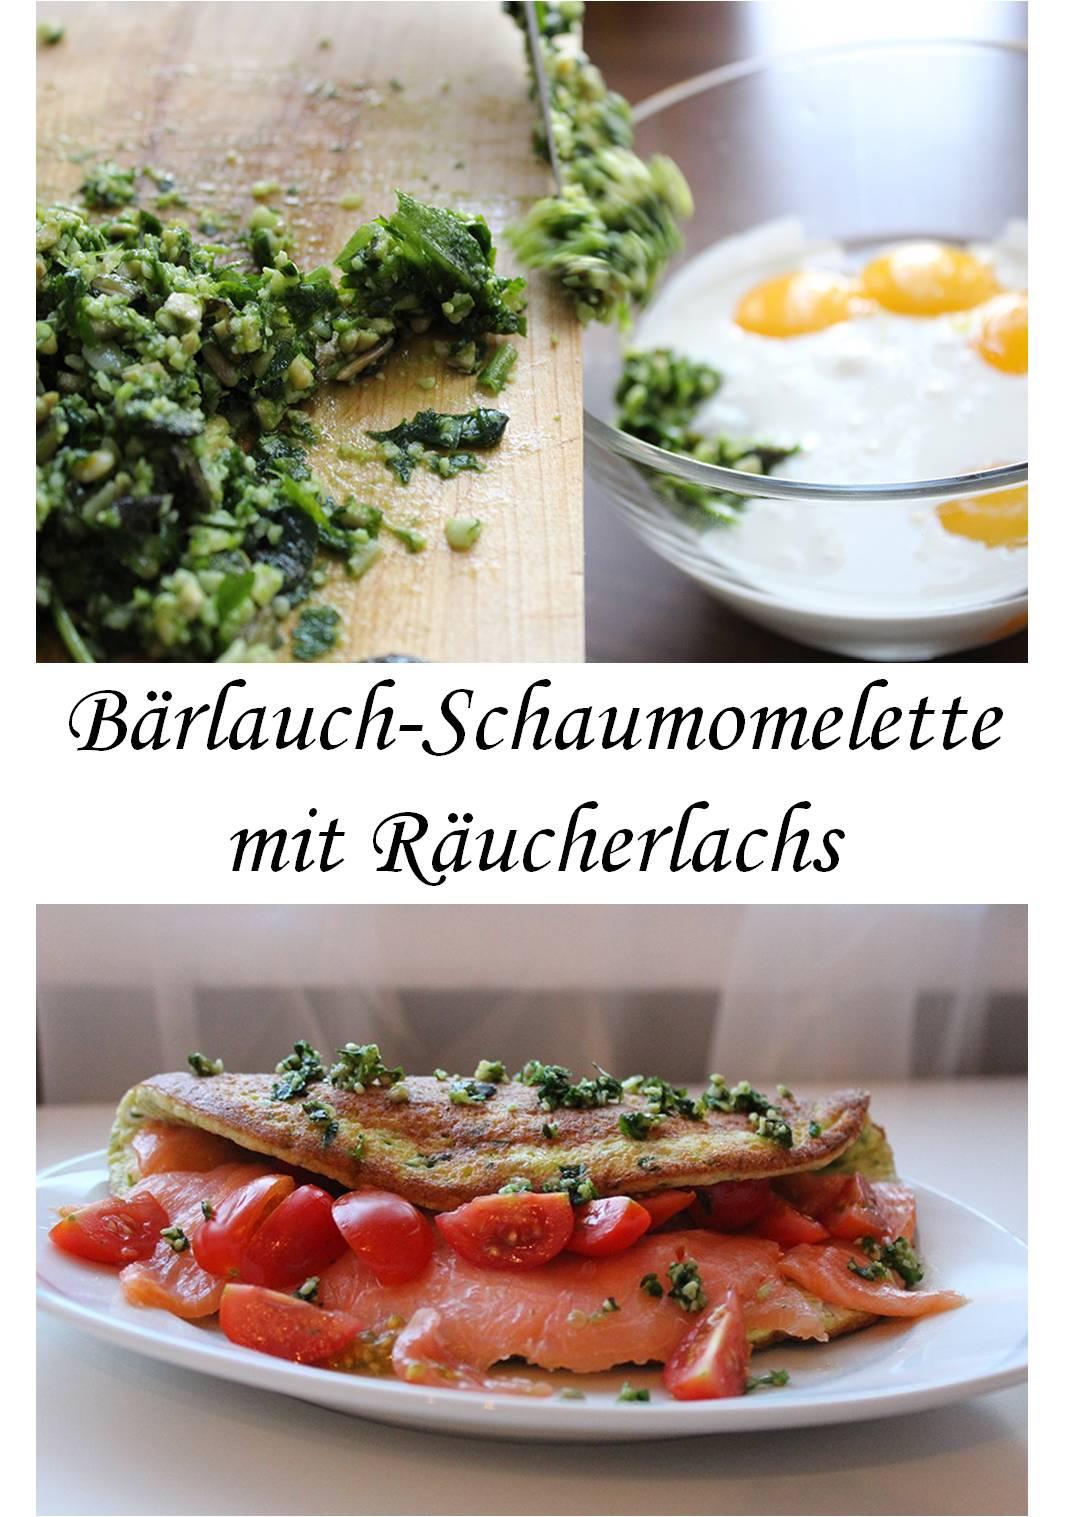 rezept Bärlauch-Schaumomelette mit Räucherlachs food anleitung schnell lecker kochen